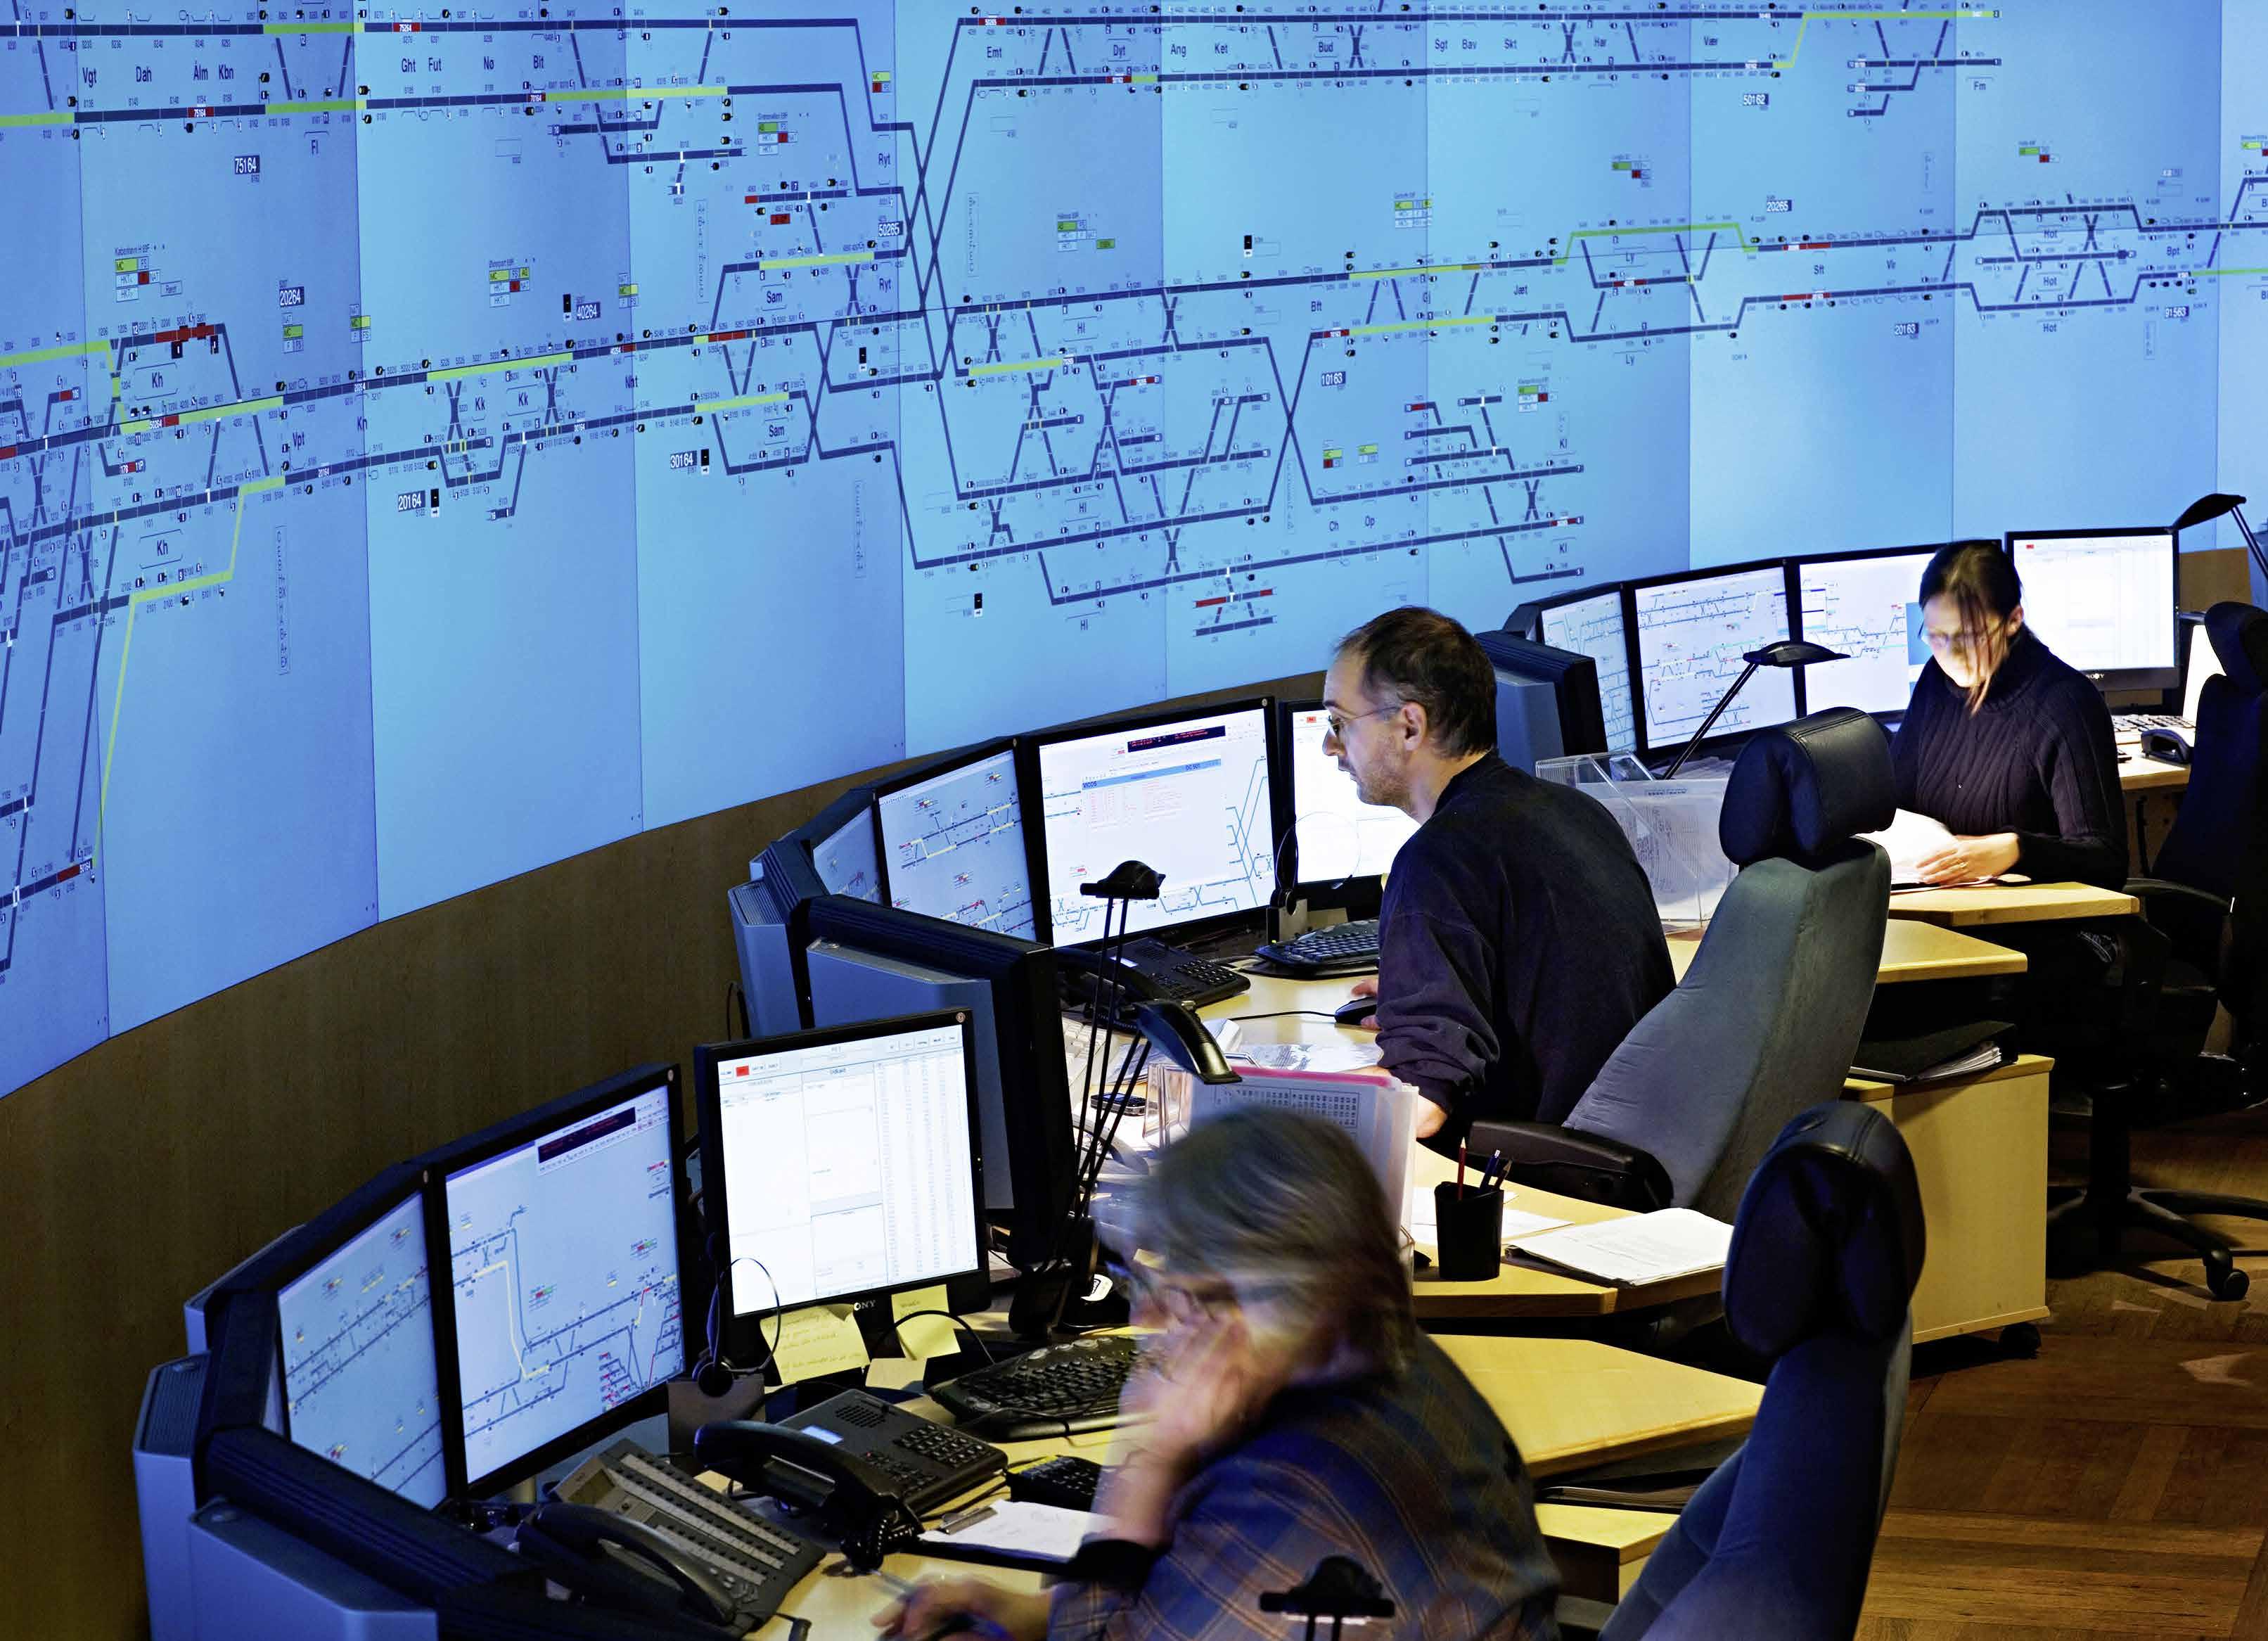 Personen vor Bildschirmen sitzend, großes Streckenband an der Wand